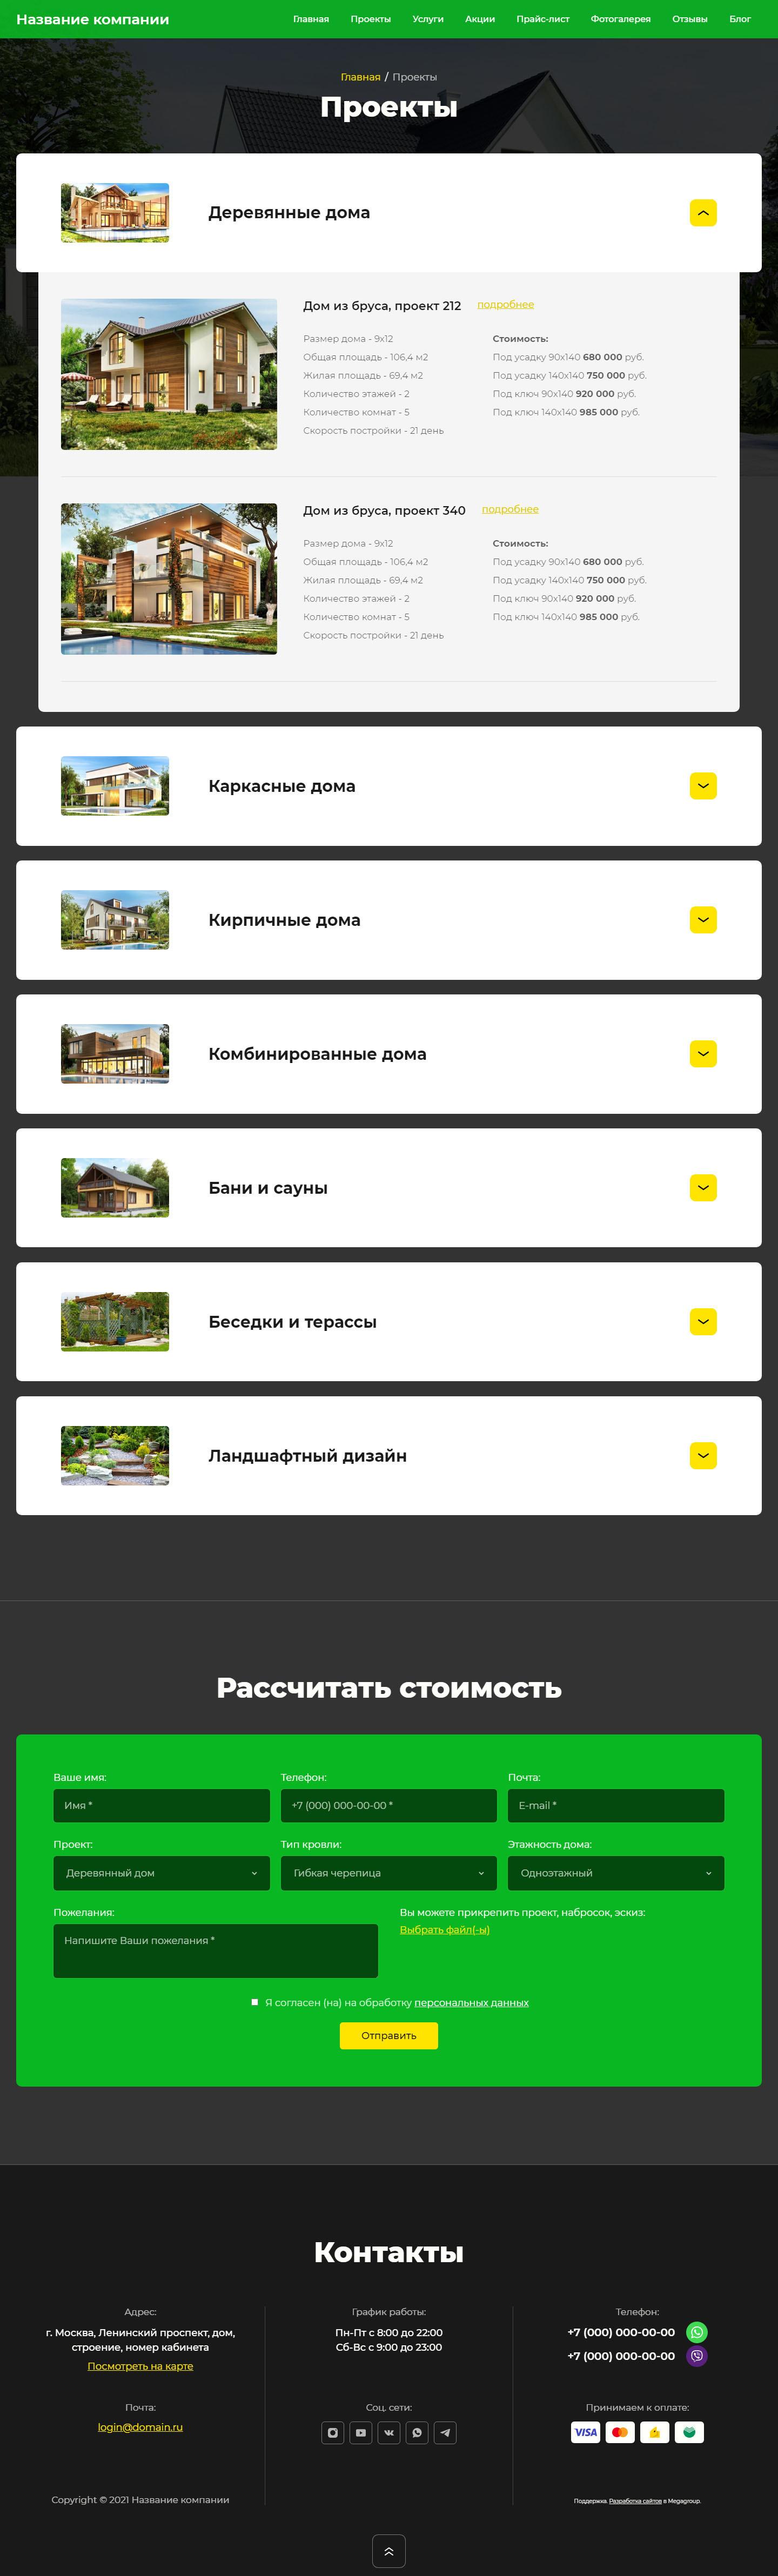 Готовый Сайт-Бизнес № 3304639 - Загородное строительство (Проекты)